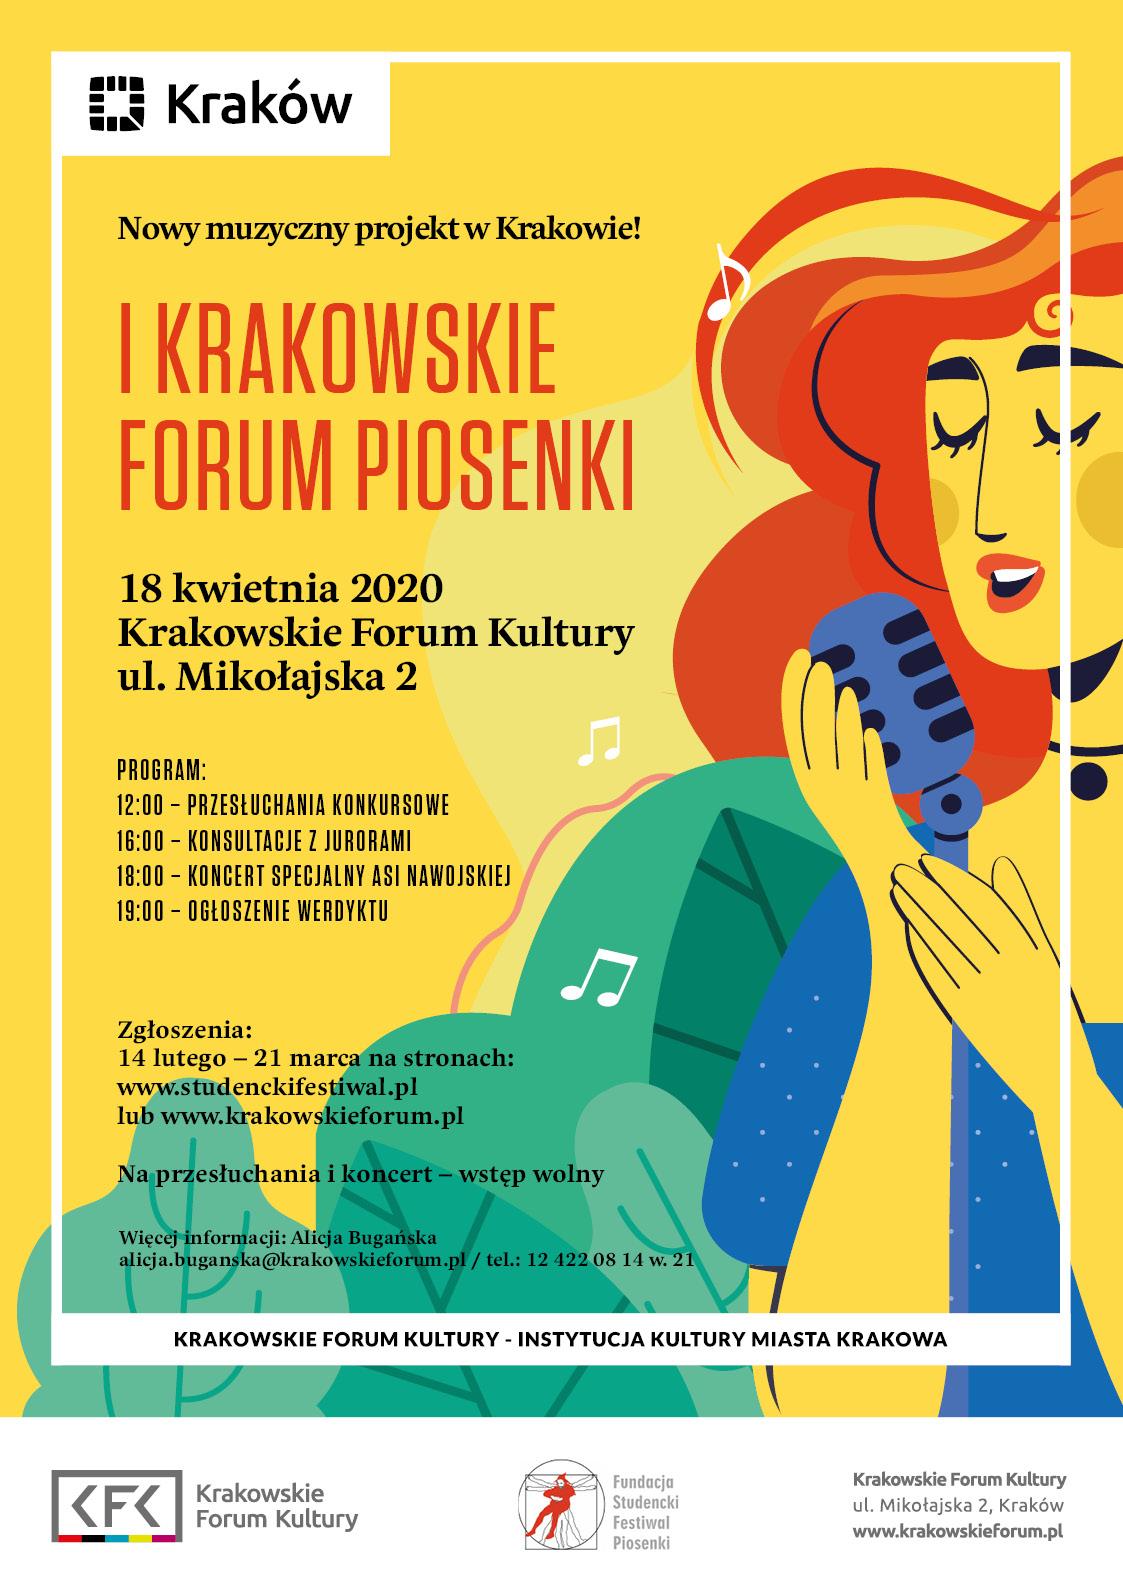 KFK_A3_forumpiosenki